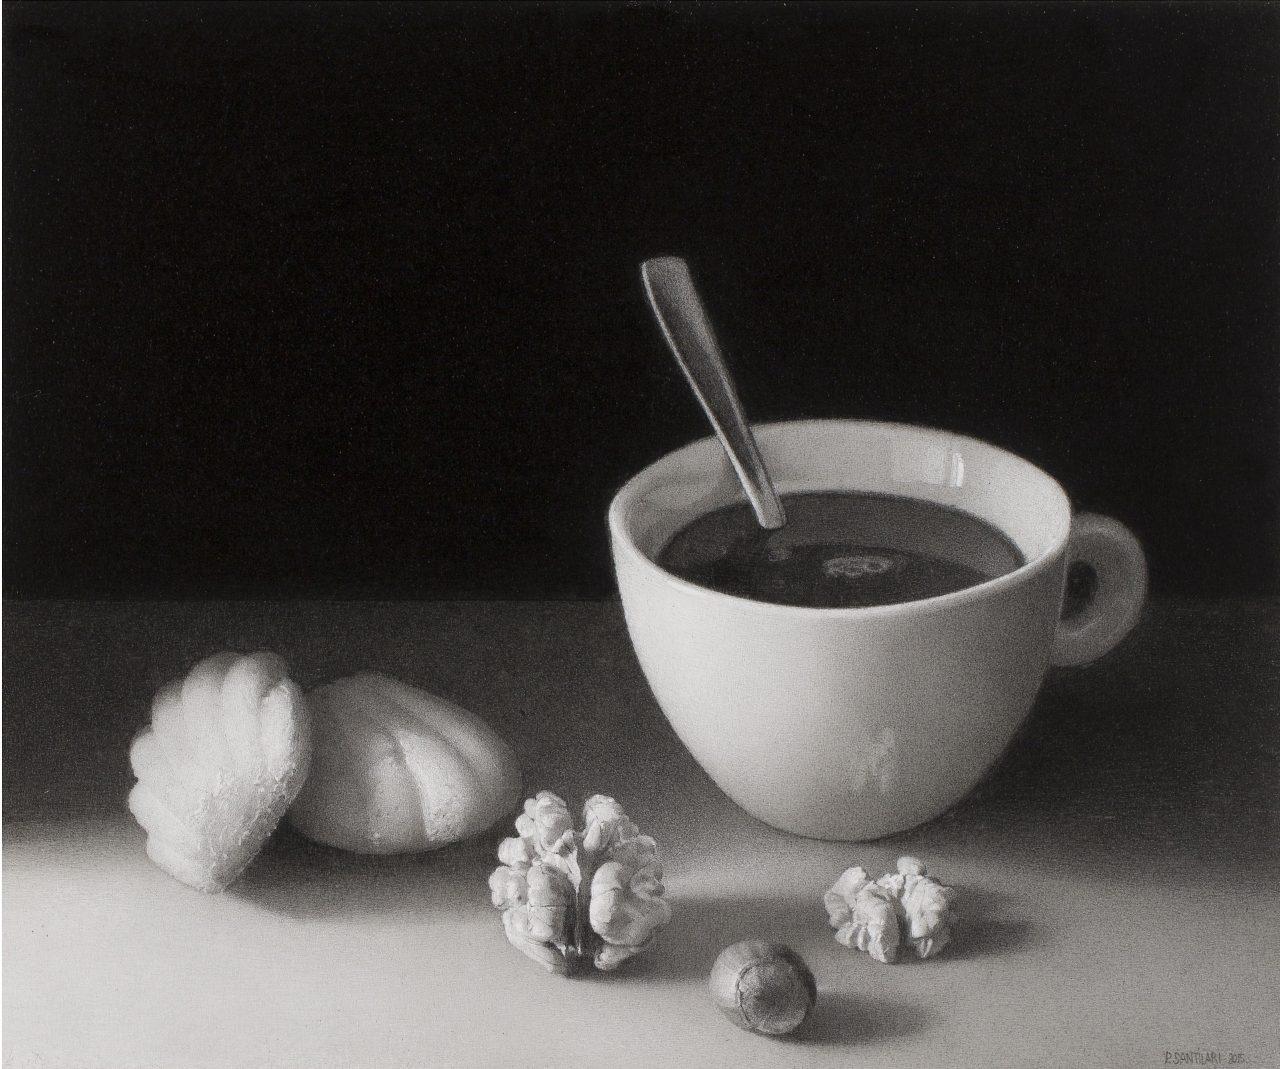 La hora del té, Pere Santilari